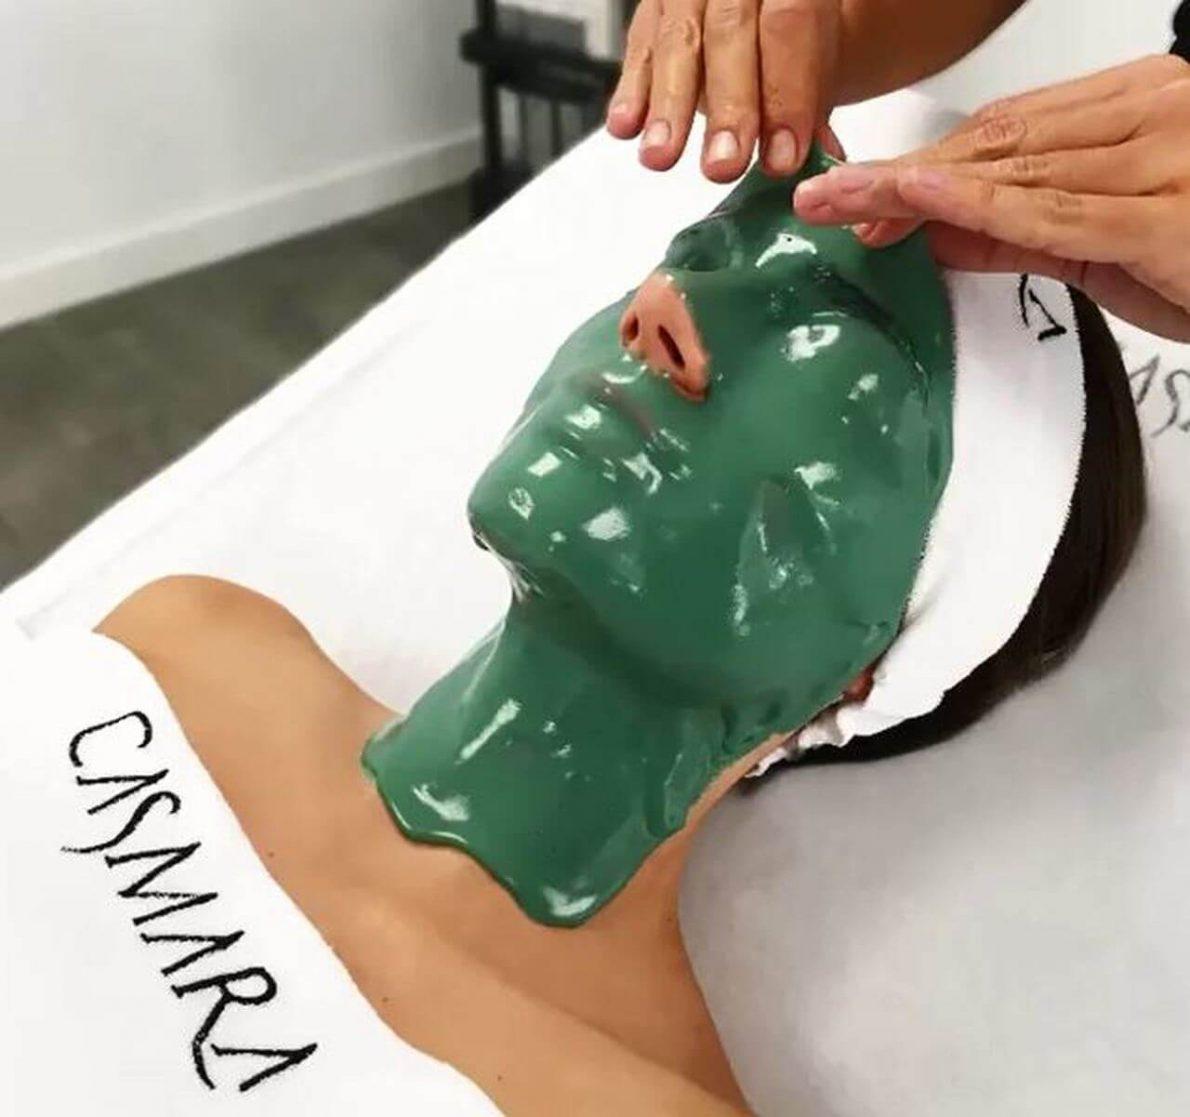 mức độ hiệu quả Casmara mặt nạ cung cấp Oxy và săn chắc da Green Mask 2025